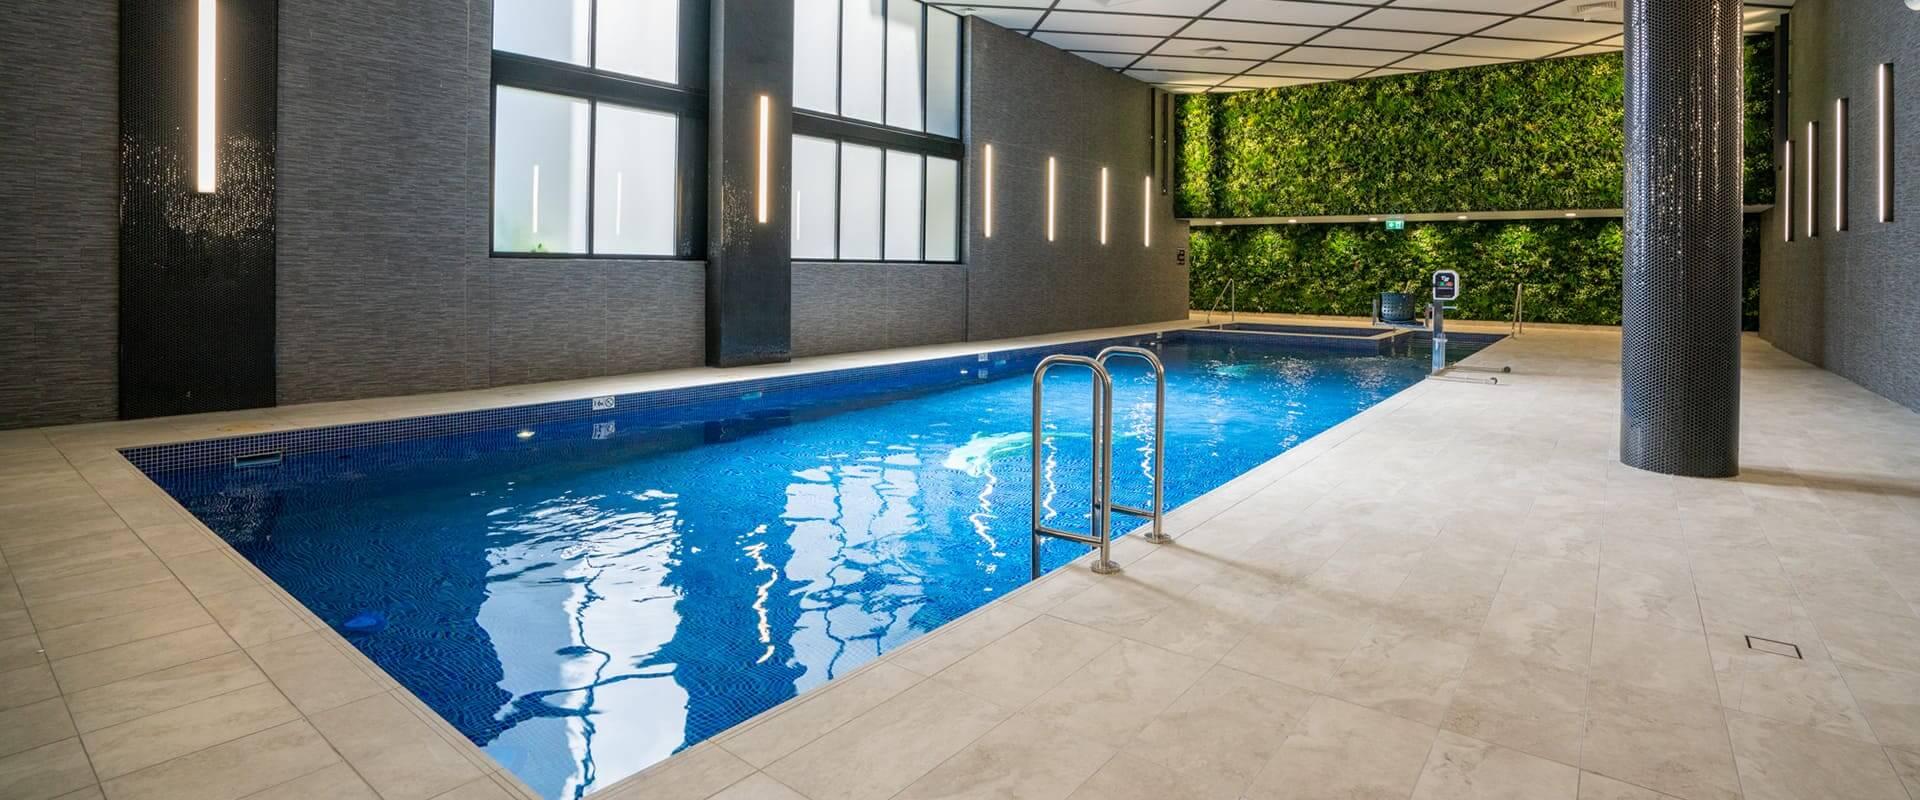 meriton pool green wall